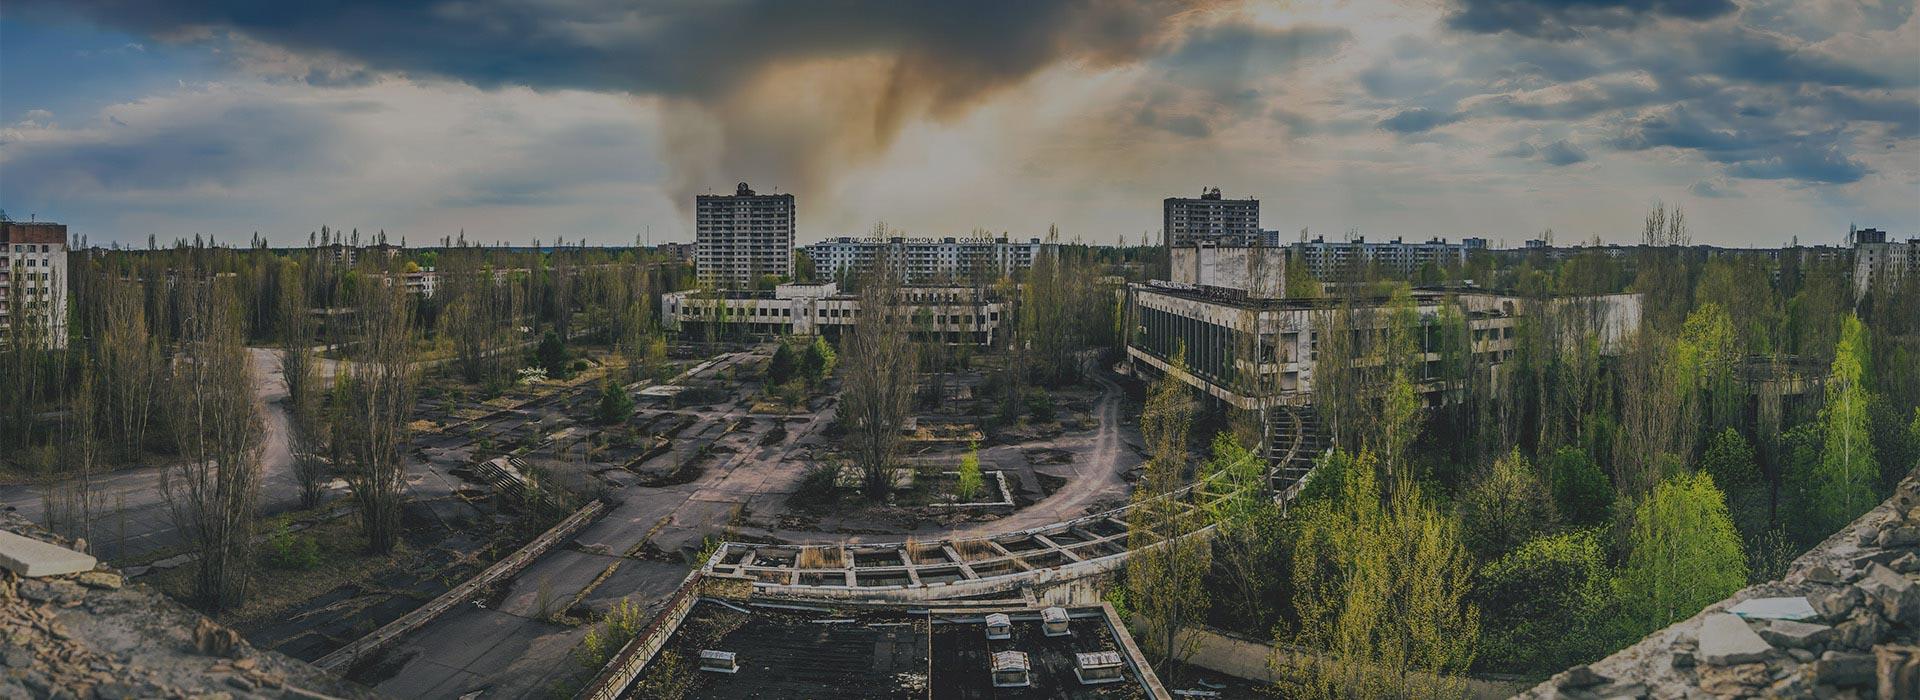 """Серіал """"Чорнобиль"""": що відрізняє стрічку від реальних подій"""